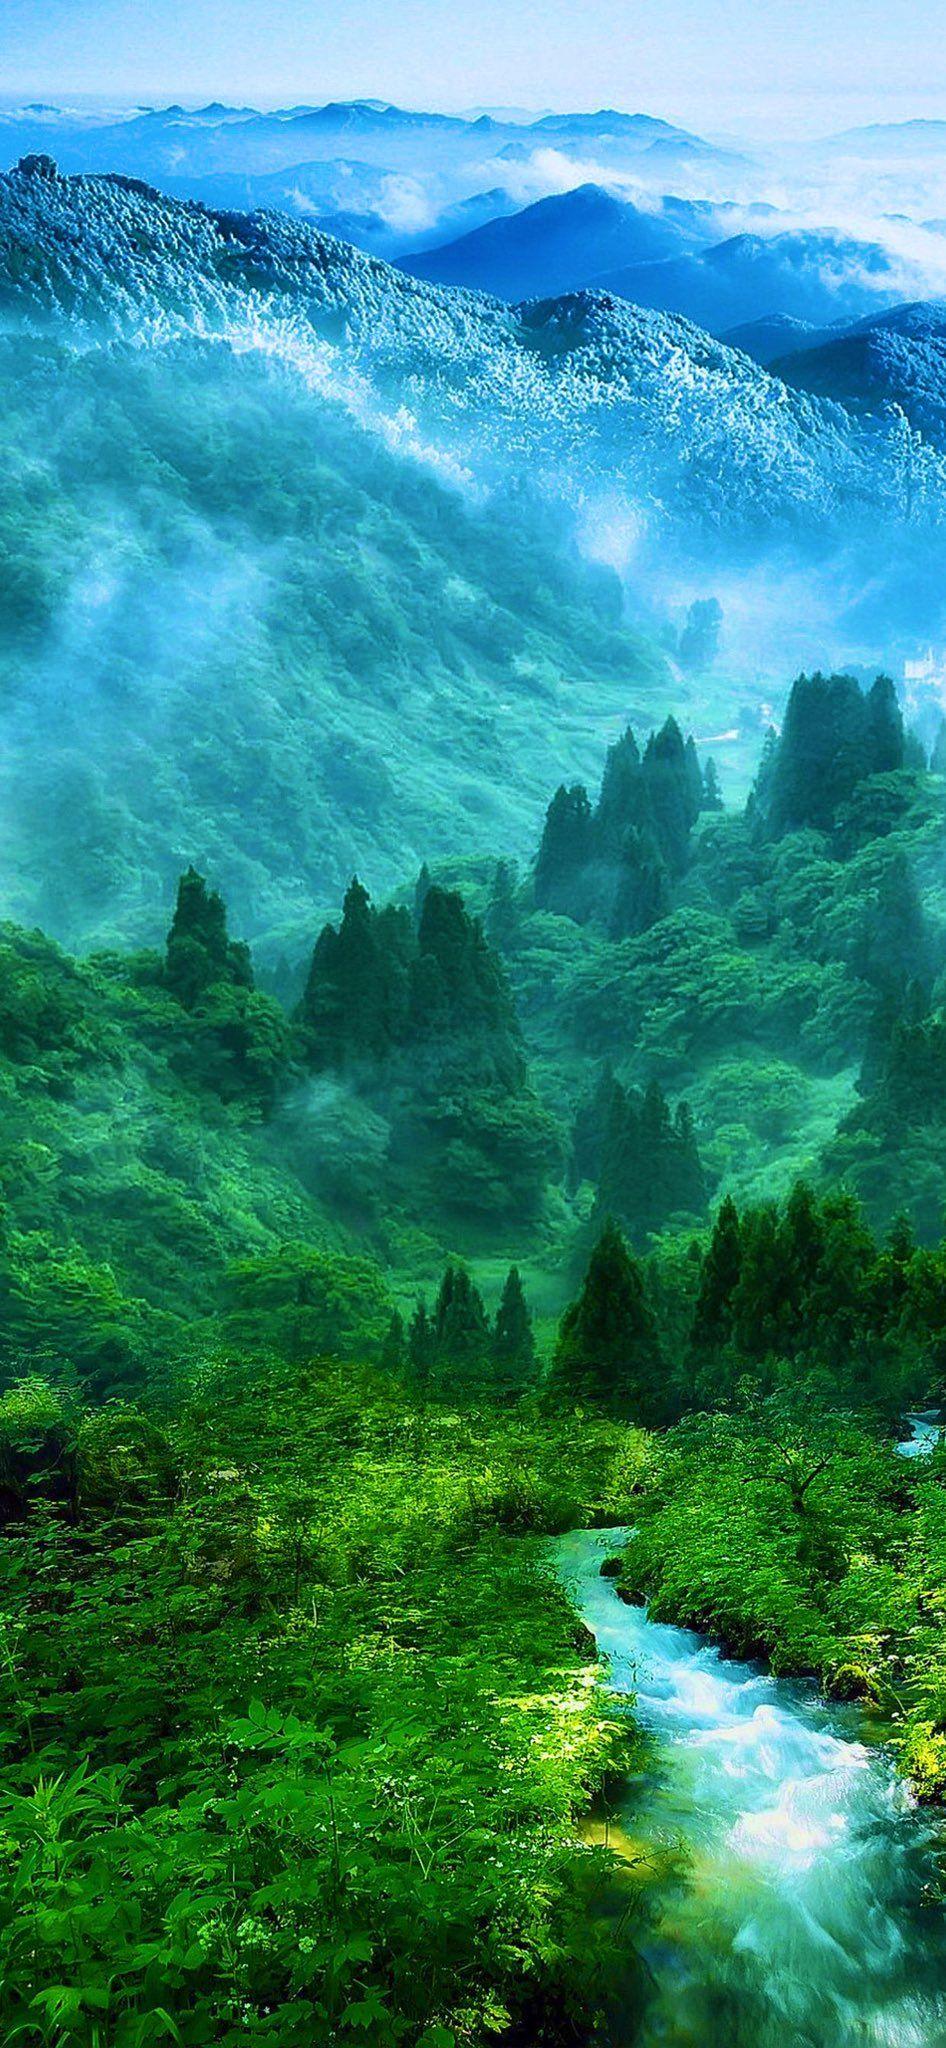 خاص بملحقات التصميم On Twitter Beautiful Landscape Wallpaper Scenery Wallpaper Landscape Wallpaper